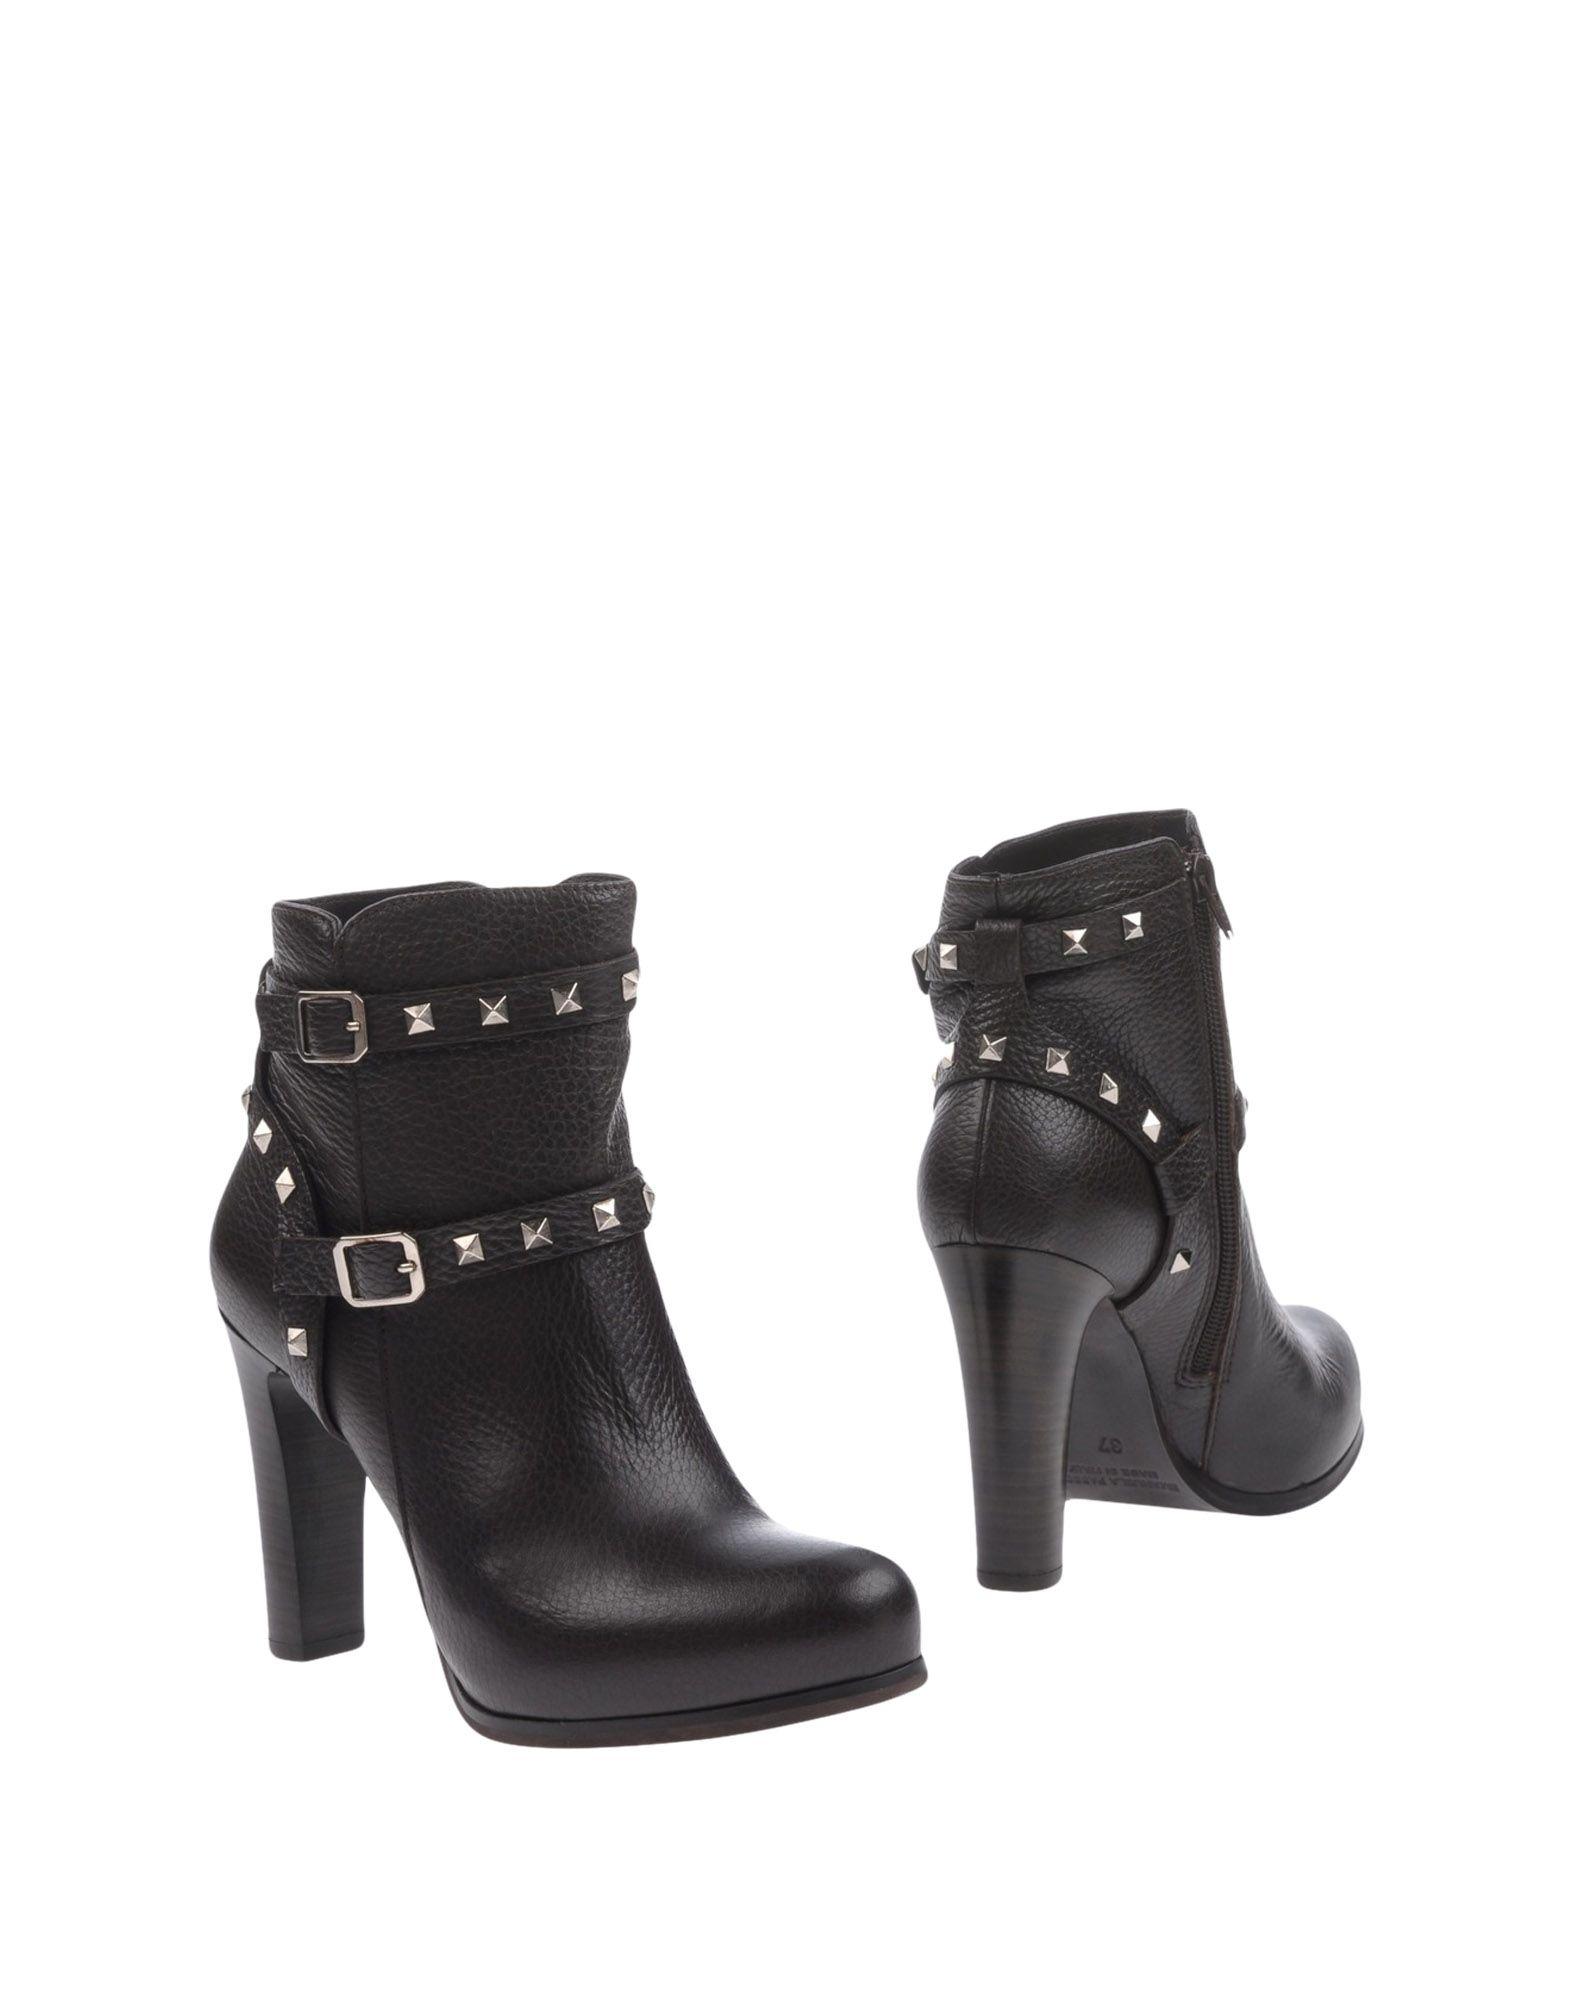 Emanuela Passeri Stiefelette Damen 11219338BU  11219338BU Damen Gute Qualität beliebte Schuhe 44cbcc